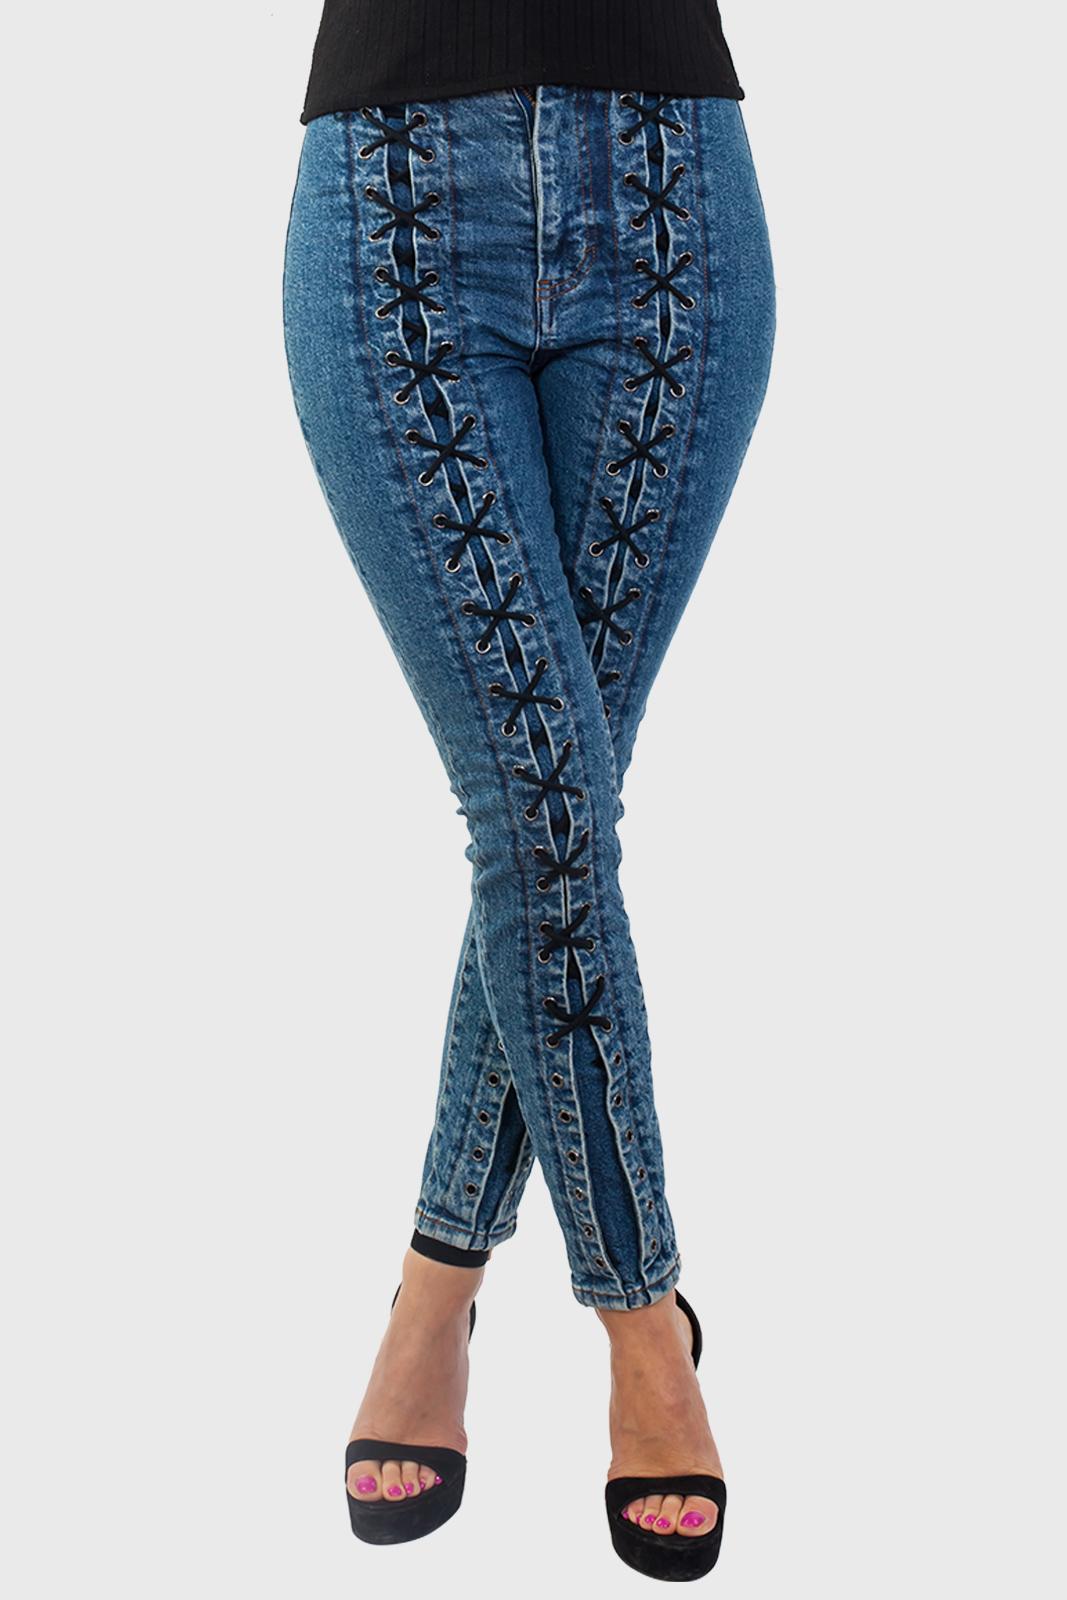 Купить джинсы со шнуровкой от Los Angeles Atelier